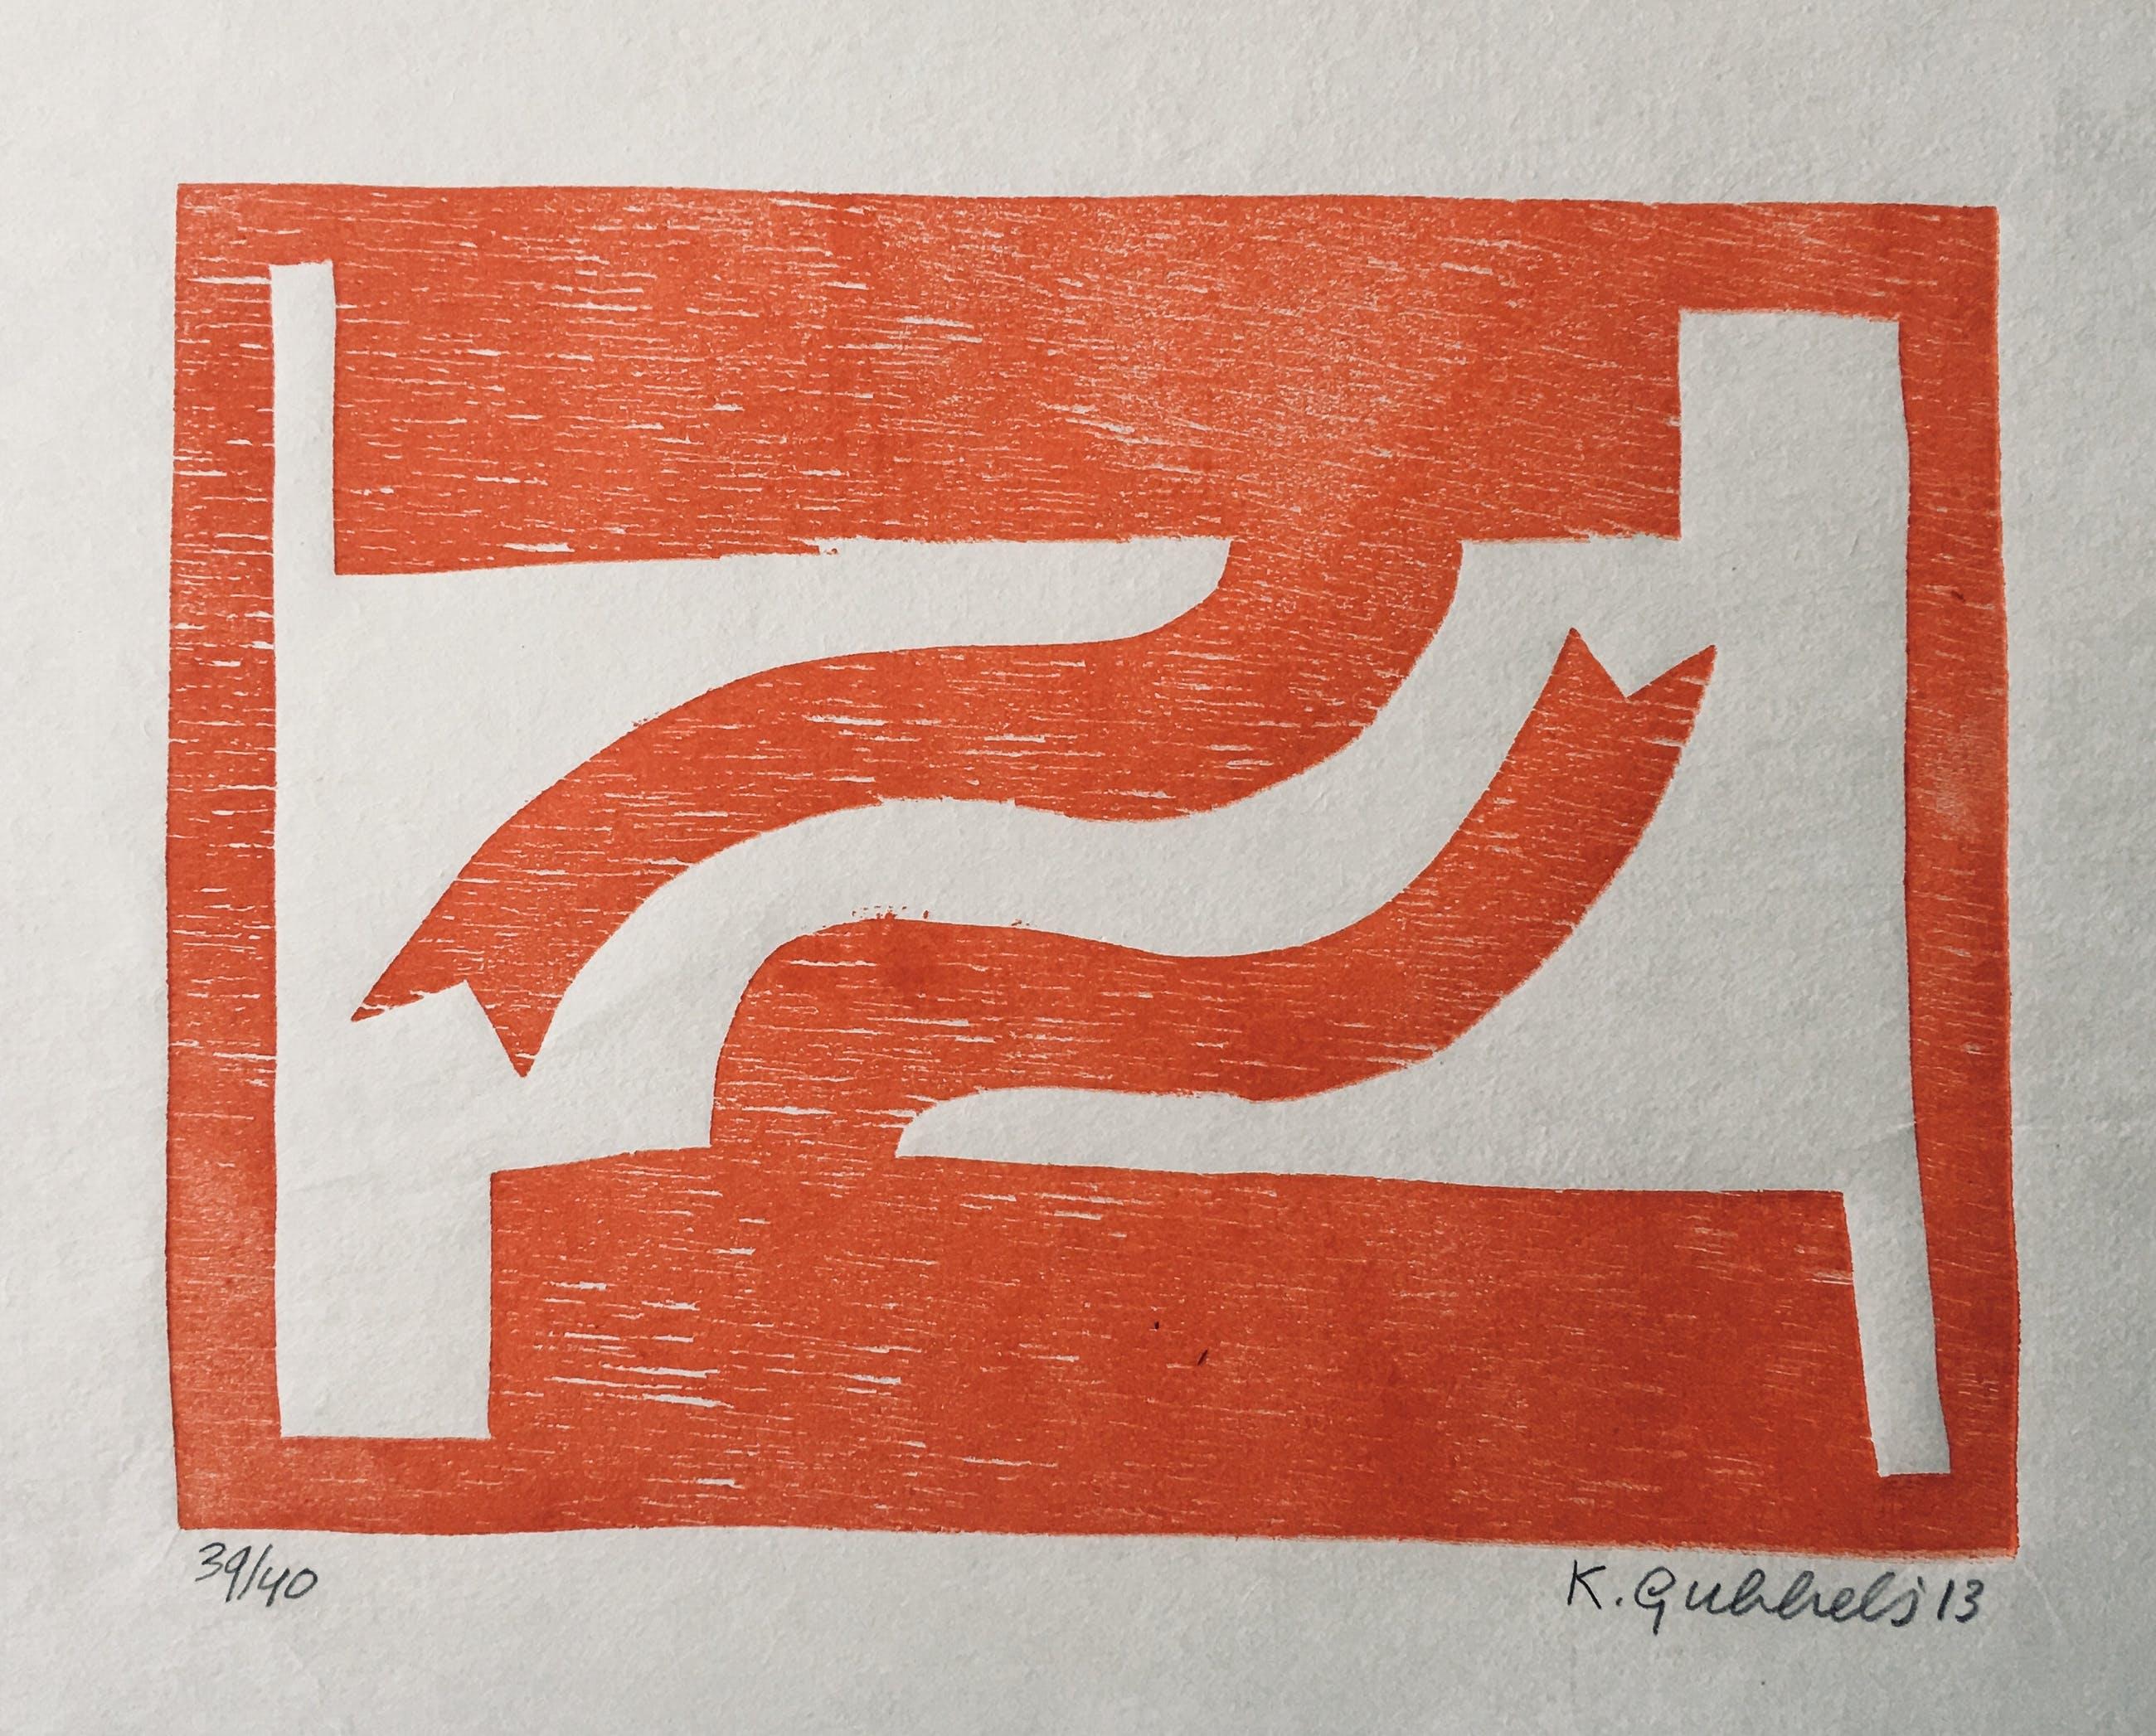 Klaas Gubbels - houtdruk 'Naar Elkaar' - 2013 - oplage 40 ex. kopen? Bied vanaf 295!